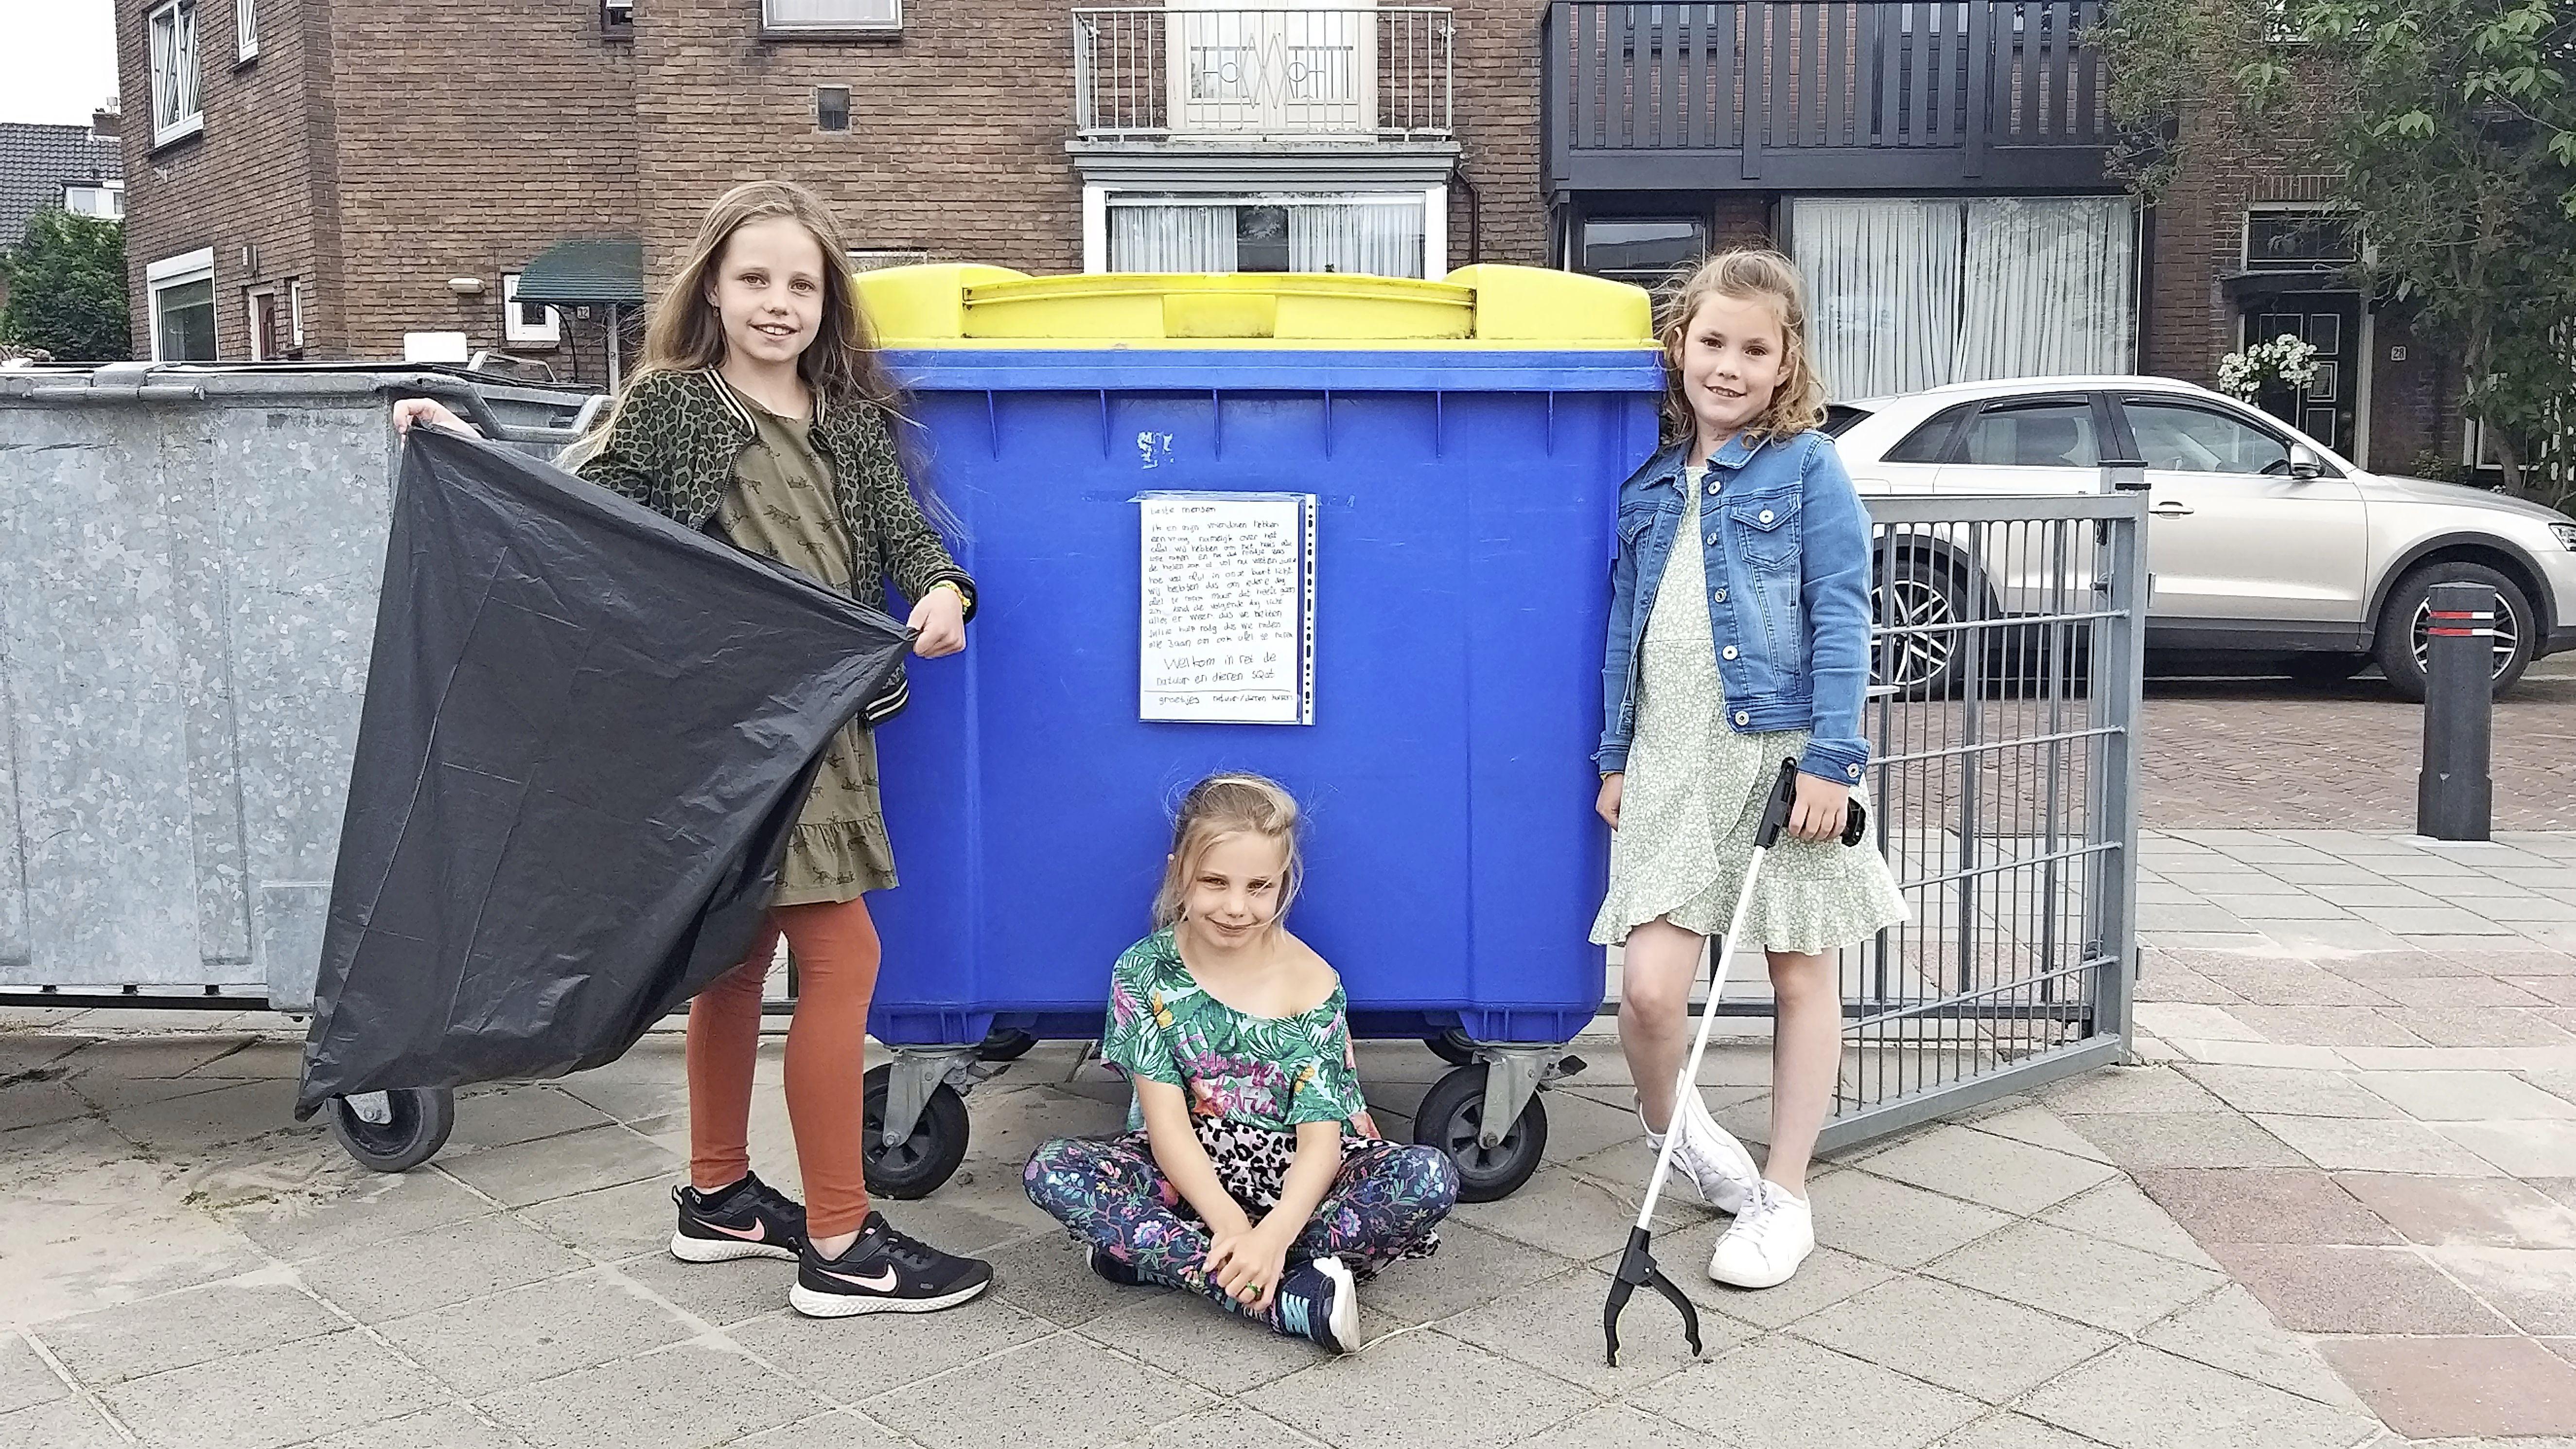 Met posters vragen Mila, Fem en Evi of iedereen z'n rommel wil opruimen: 'Met prullenbak in de buurt afval op de grond gooien. Dan heb je toch geen brein?'